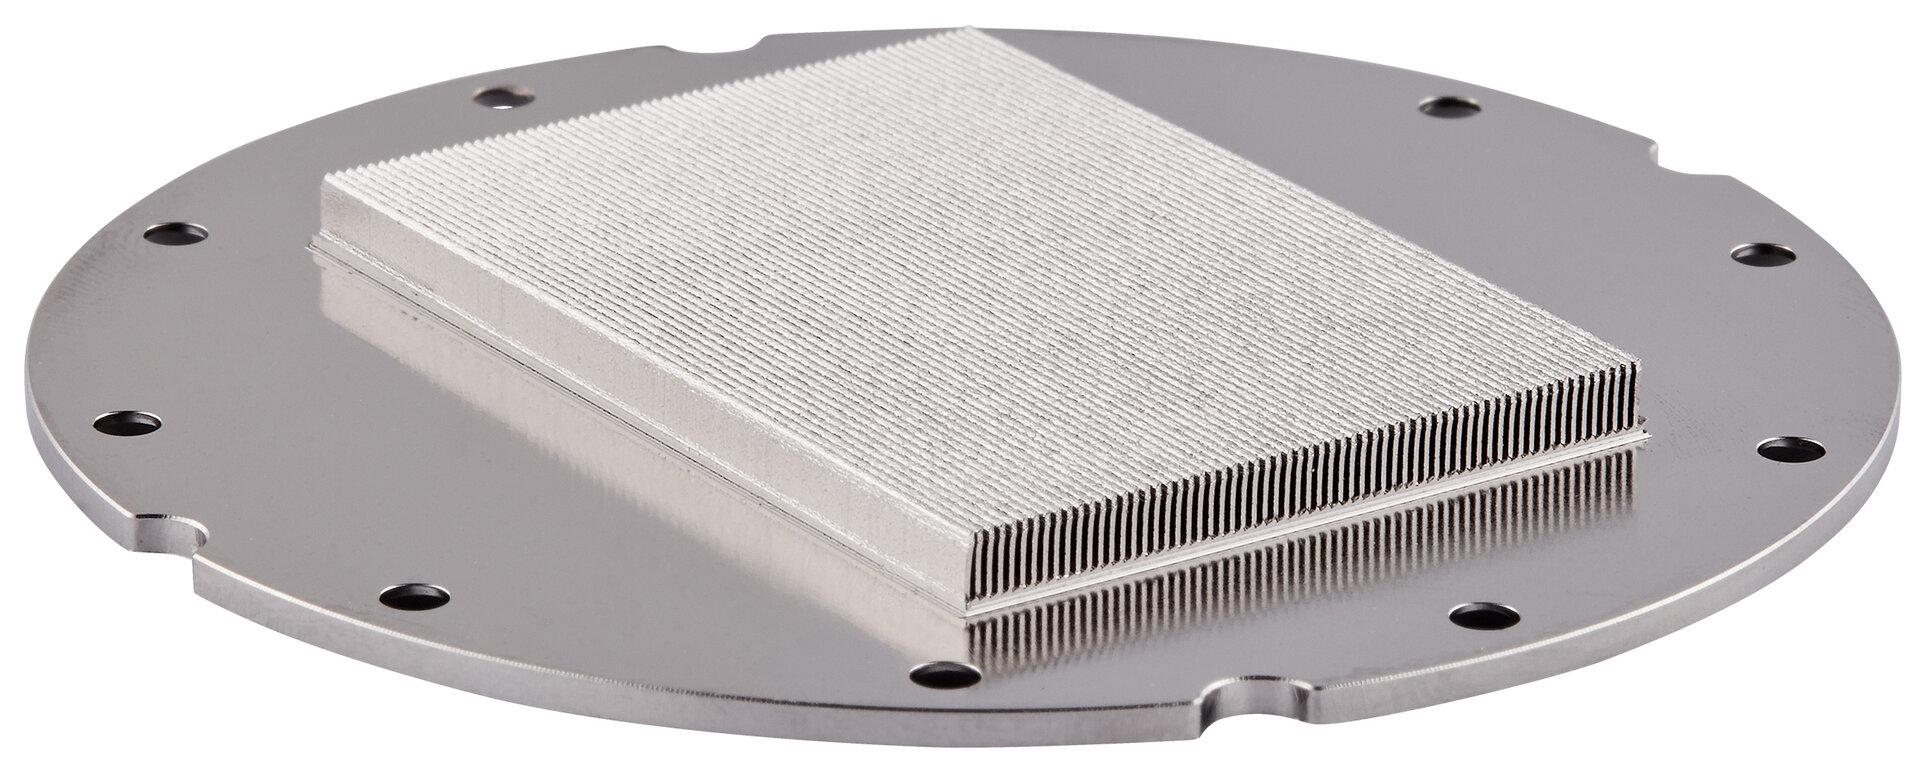 Corsair Hydro X XC7 und XC9: Das Innenleben des CPU-Wasserkühlers